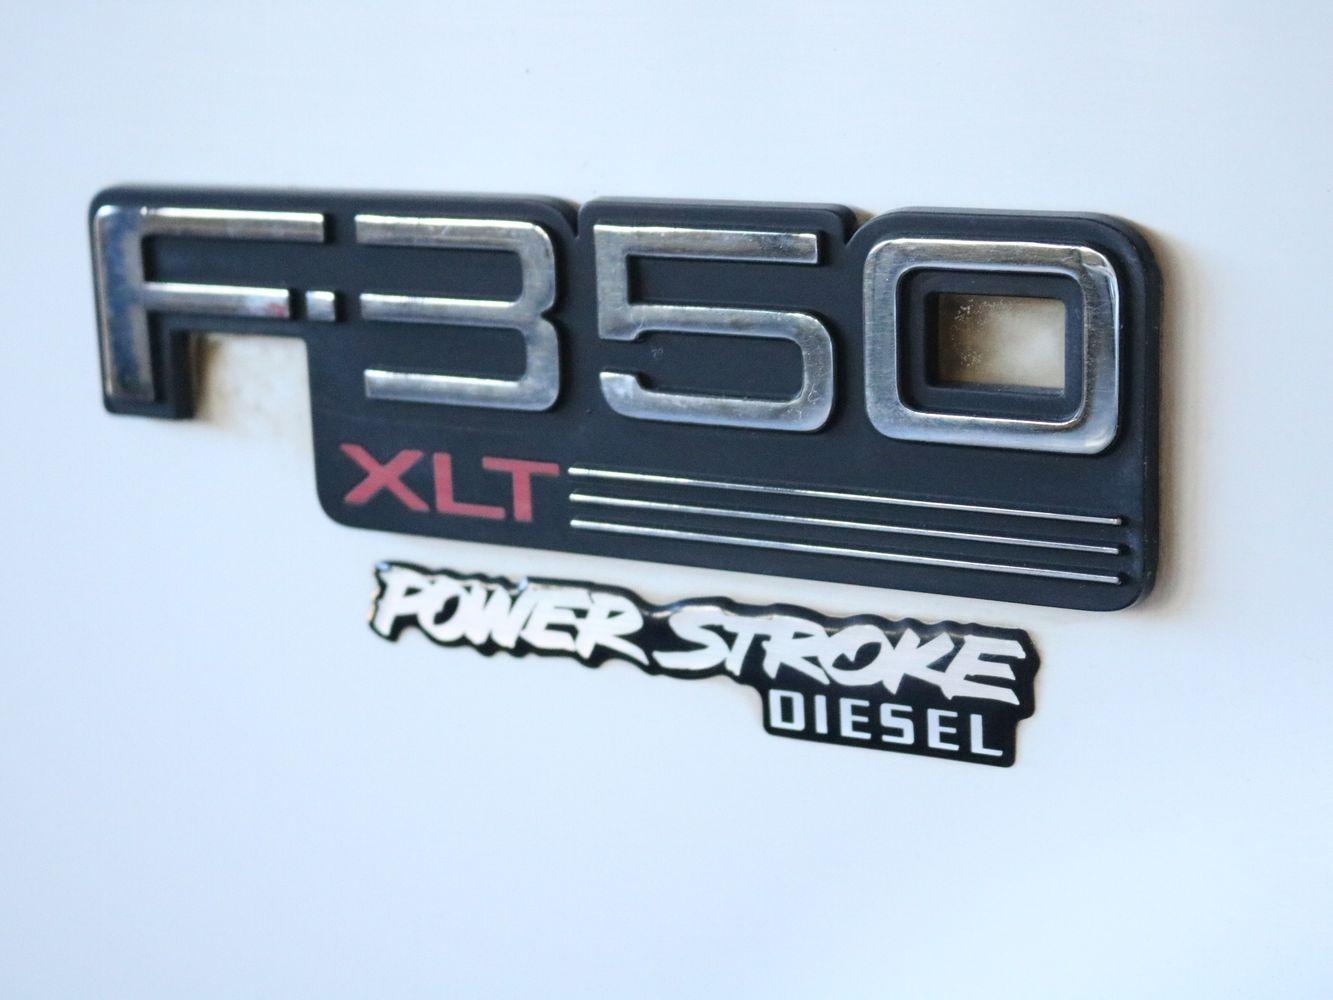 1997 Ford F350 Xlt Victory Motors Of Colorado 89 F 250 Fuel Filter View 41 Hi Res Photos